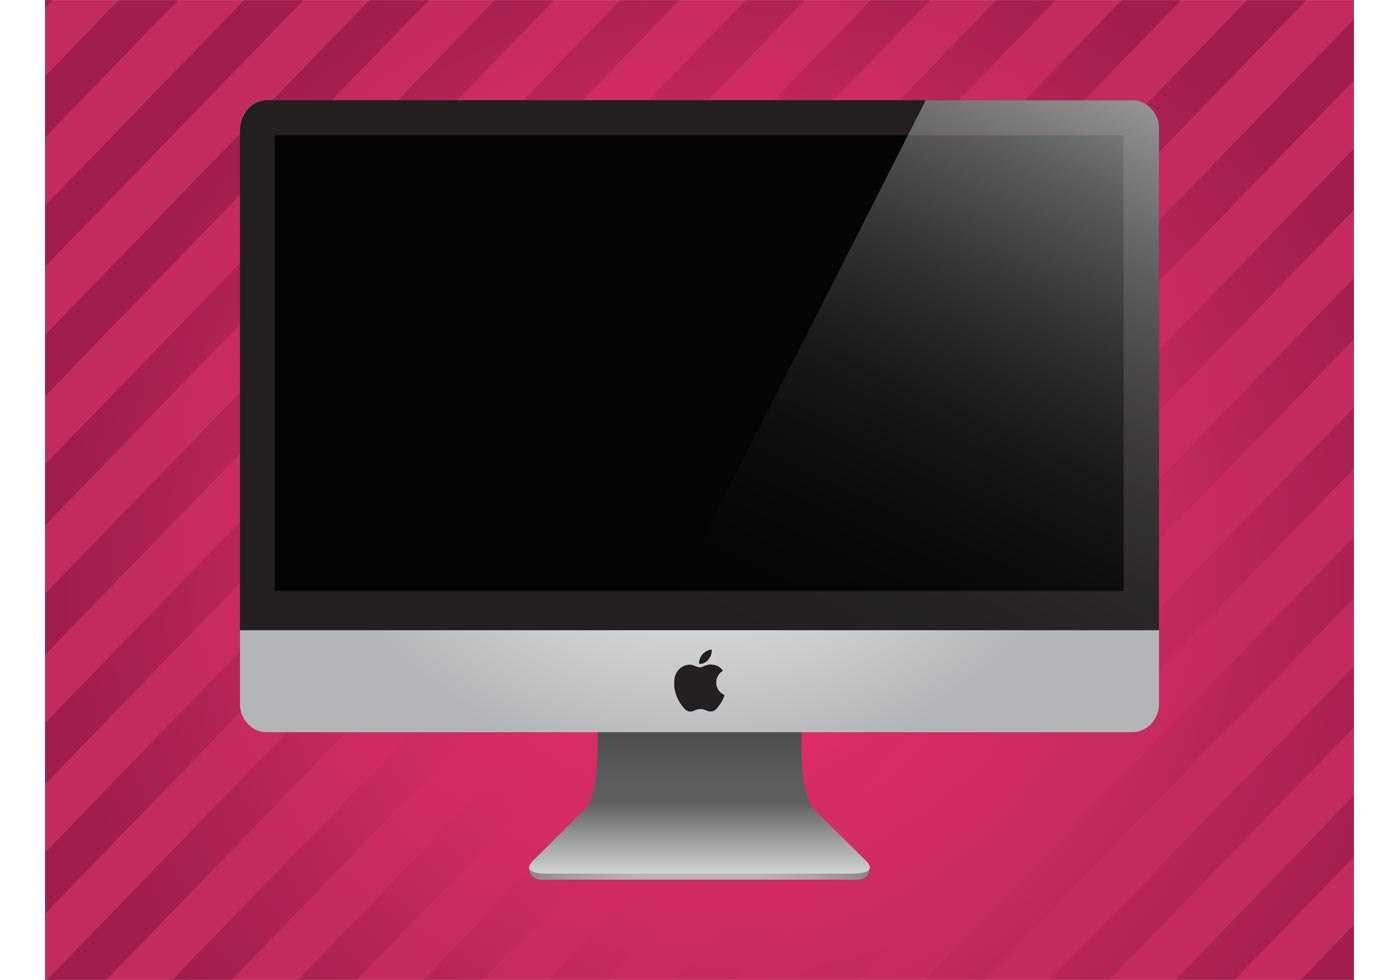 Apple imac vector - Descargue Gráficos y Vectores Gratis